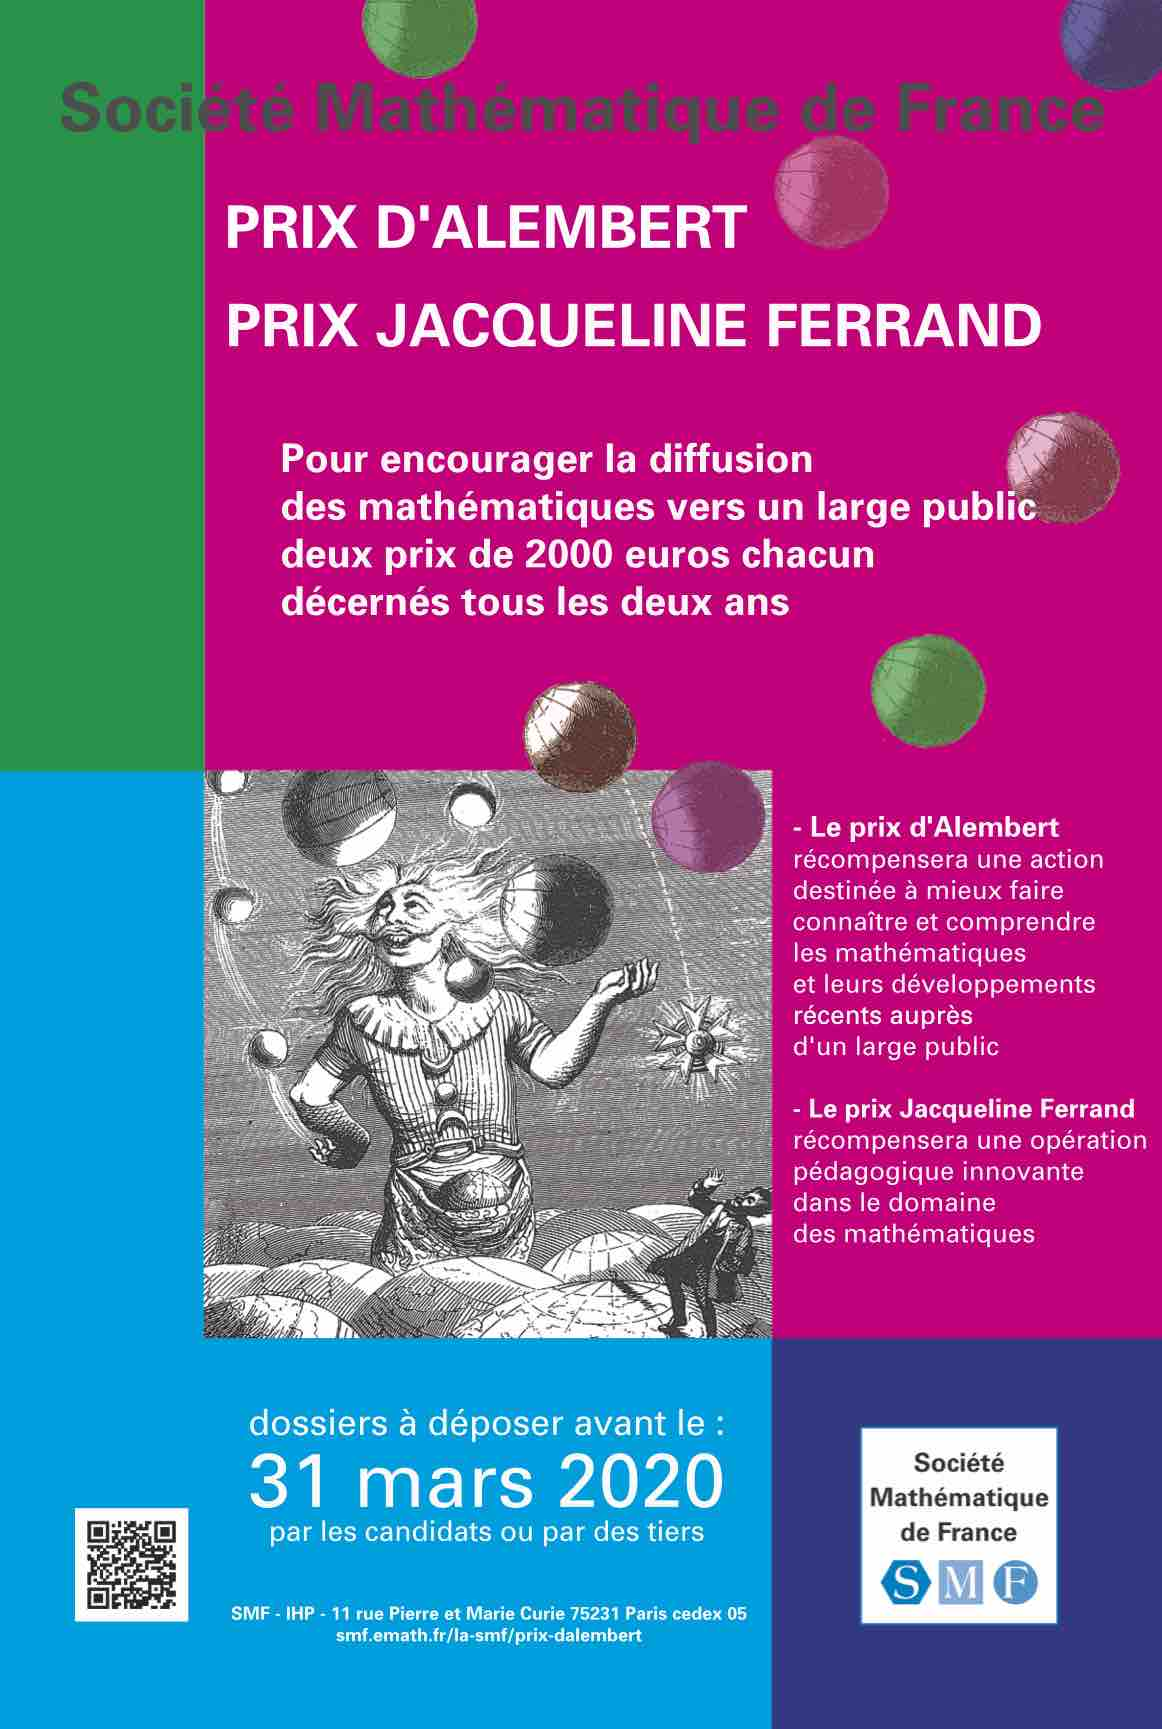 Prix d'Alembert et Jacqueline Ferrand : 31 mai 2020 date limite de candidature